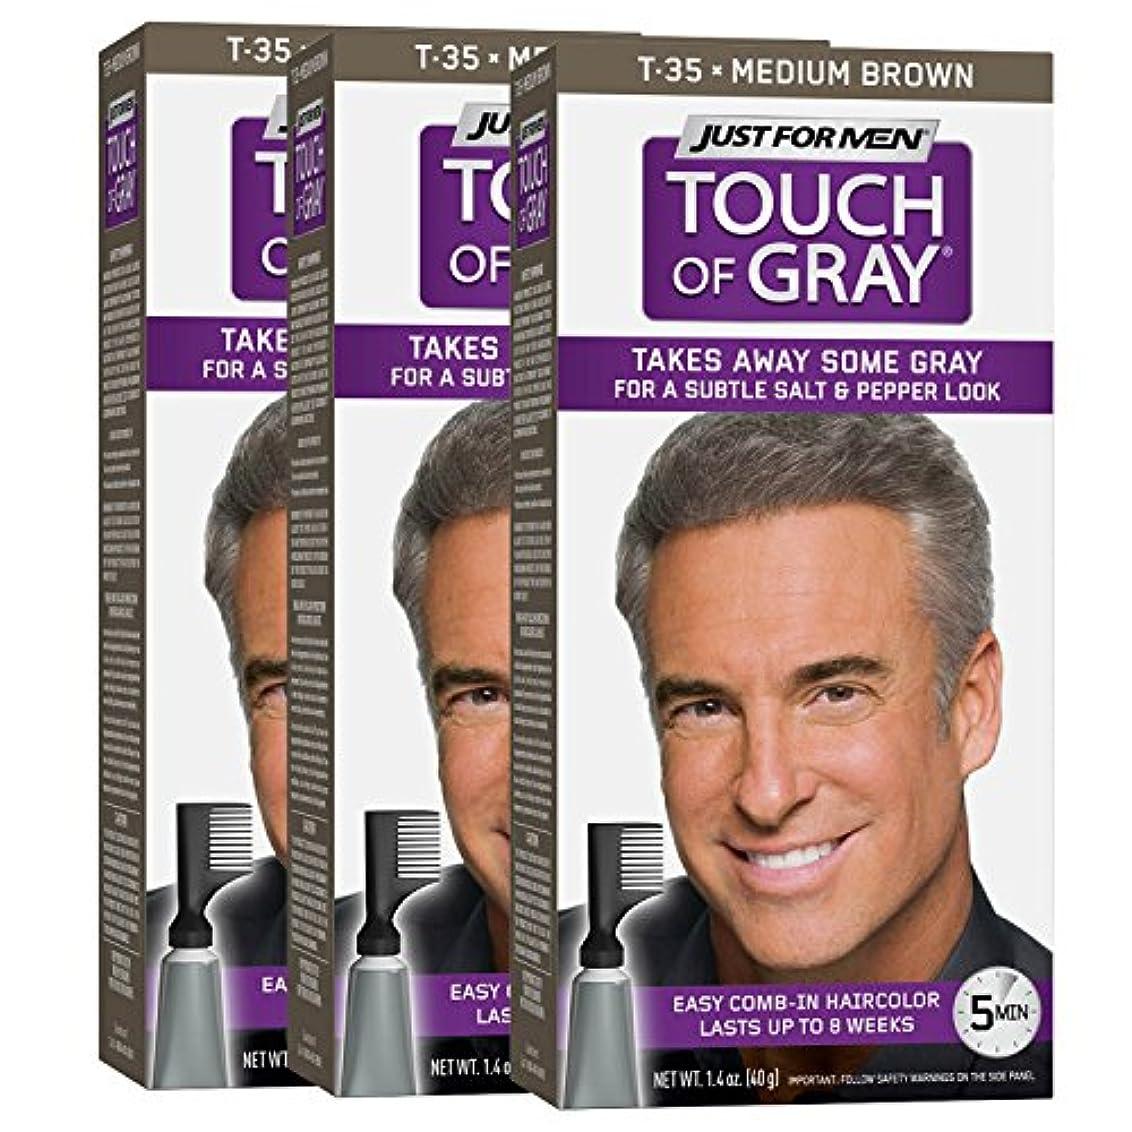 コンテンポラリーショートカット治療Just for Men グレーくしメンズヘアカラー、ミディアムブラウンの感触(3パック) 3パック ミディアムブラウン